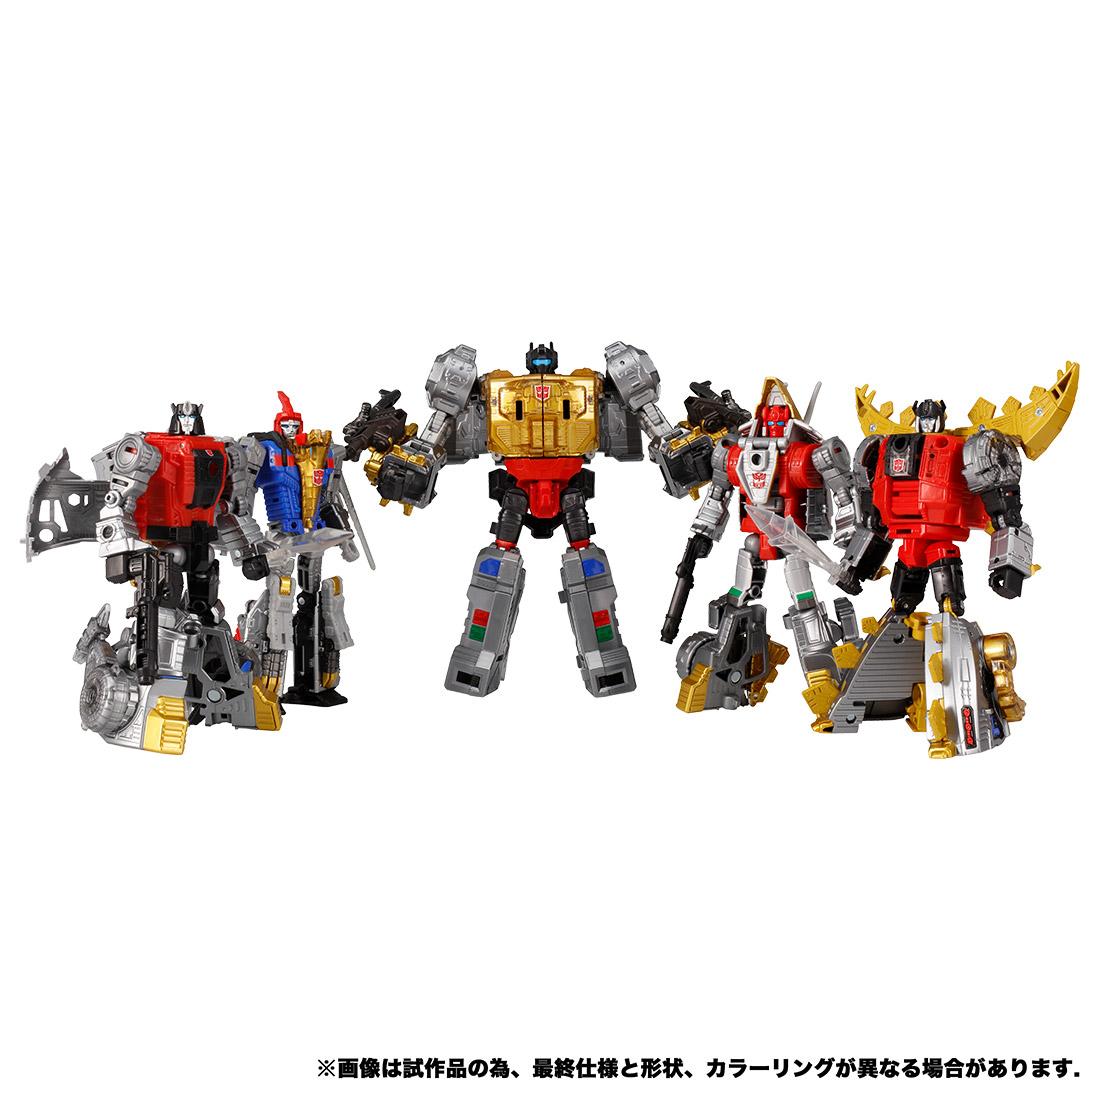 【限定販売】トランスフォーマー GENERATION SELECTS『ボルカニカス』可変可動フィギュア-004